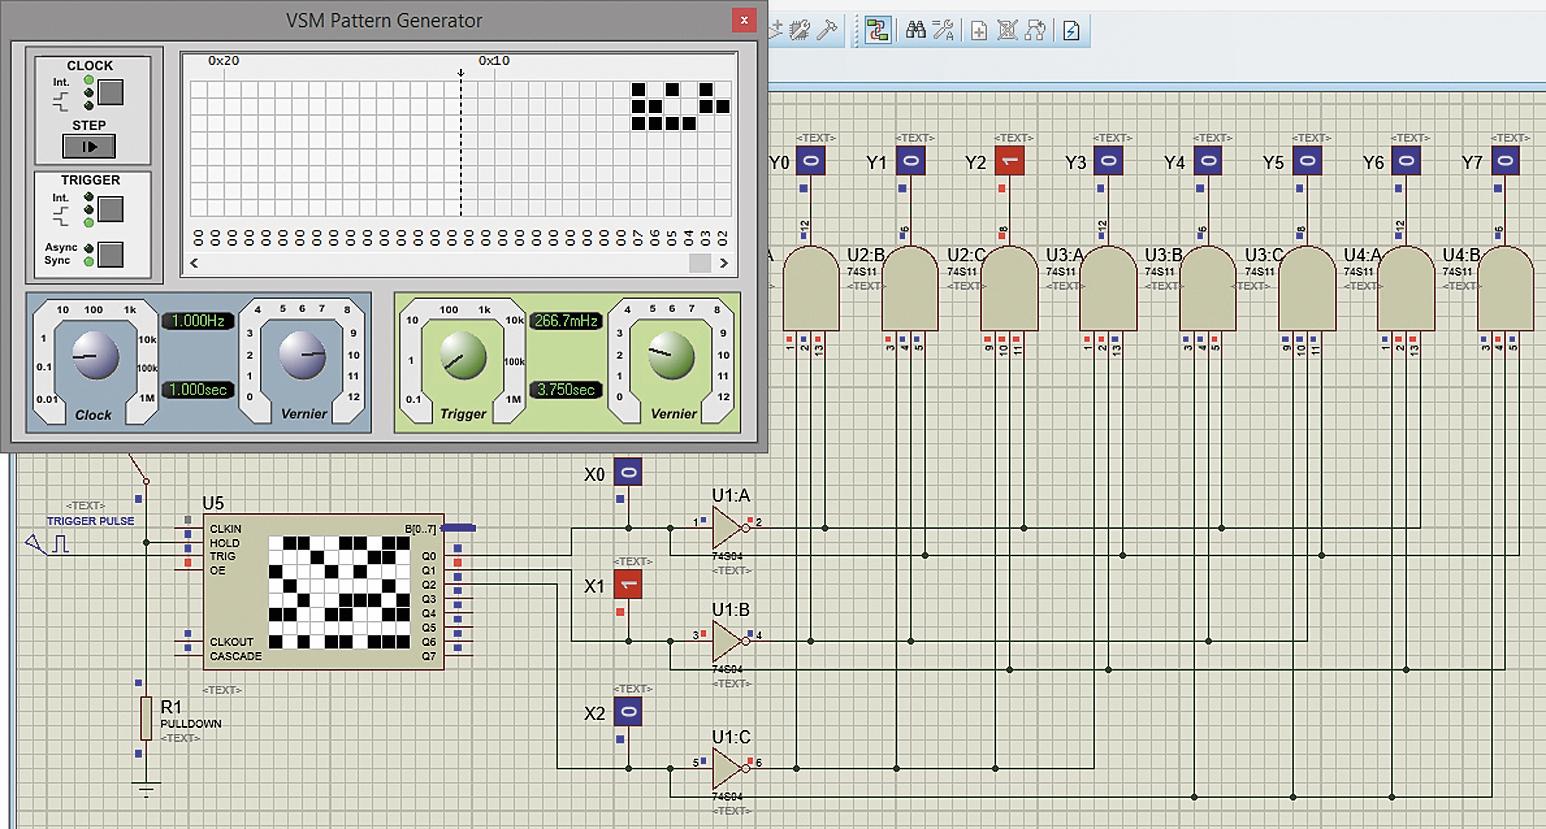 Проверка работы спроектированного дешифратора трехразрядного двоичного кода с помощью цветных пробников логических уровней 0 и 1: а) коду 010 на входах дешифратора соответствует 1 на его выходе y2; б) коду 111 на входах дешифратора соответствует 1 на выходе y7